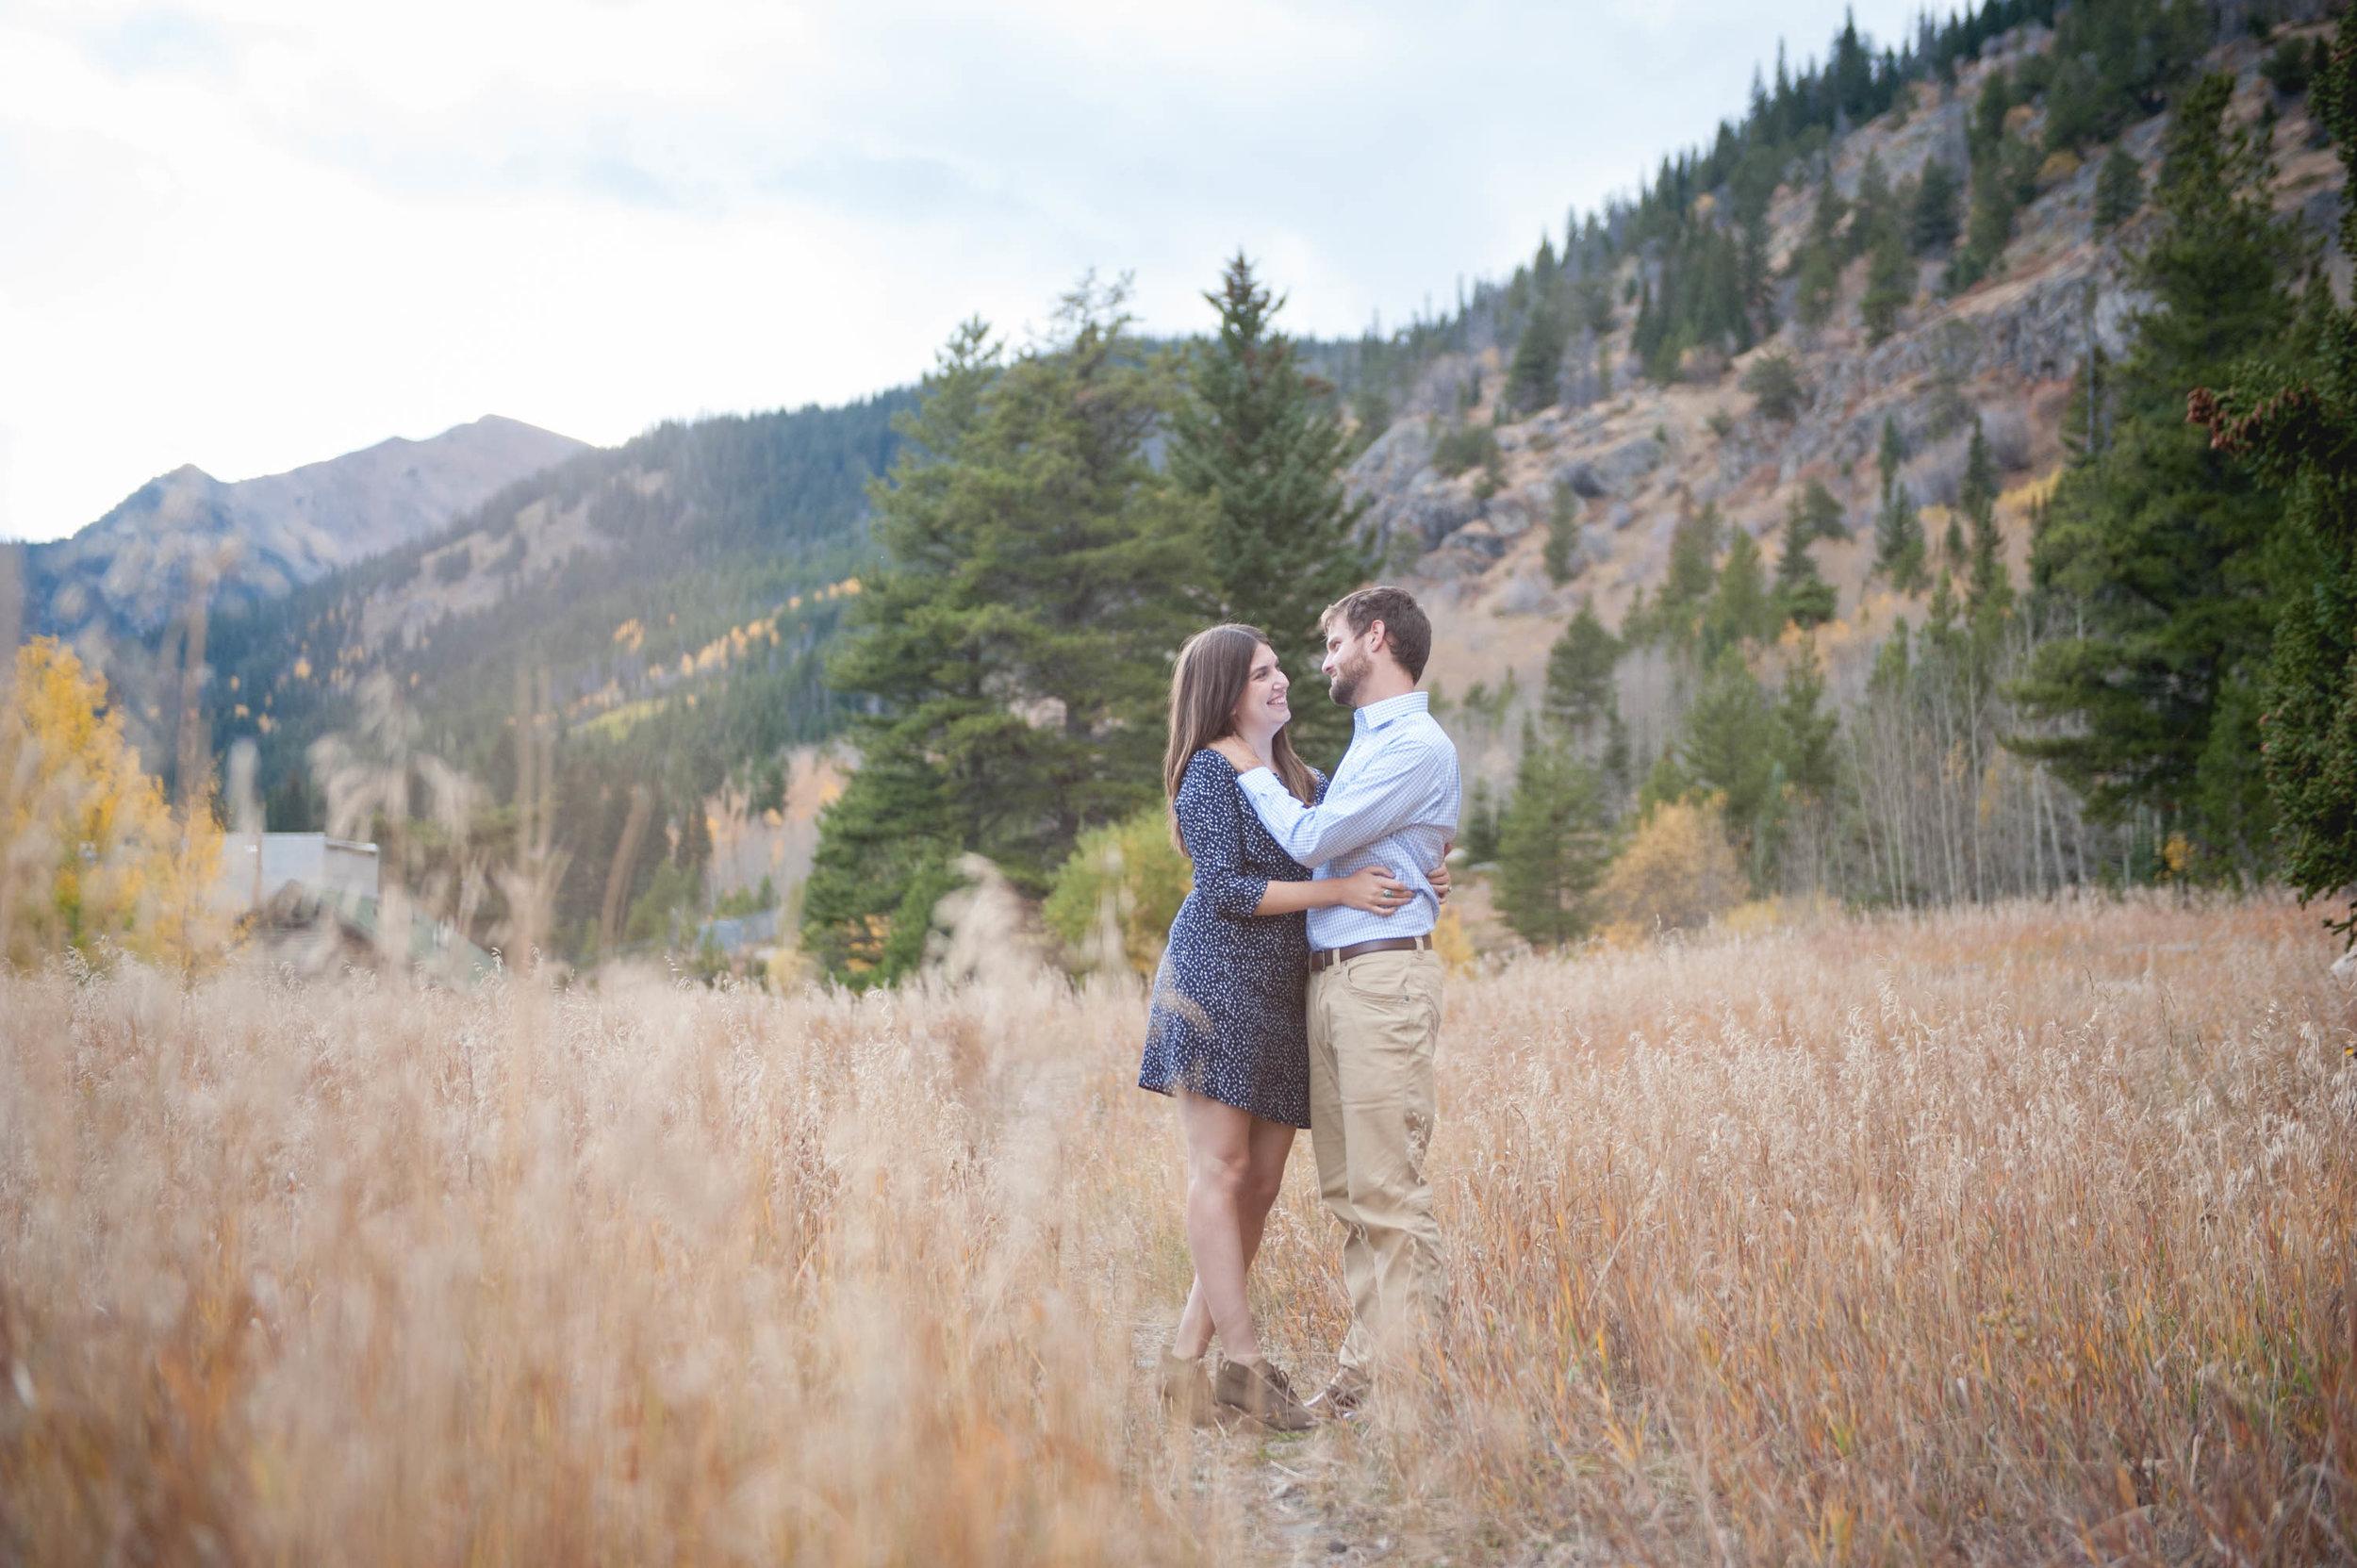 AMW-Engagement-MichelleAllen-JamesPeak-109.jpg